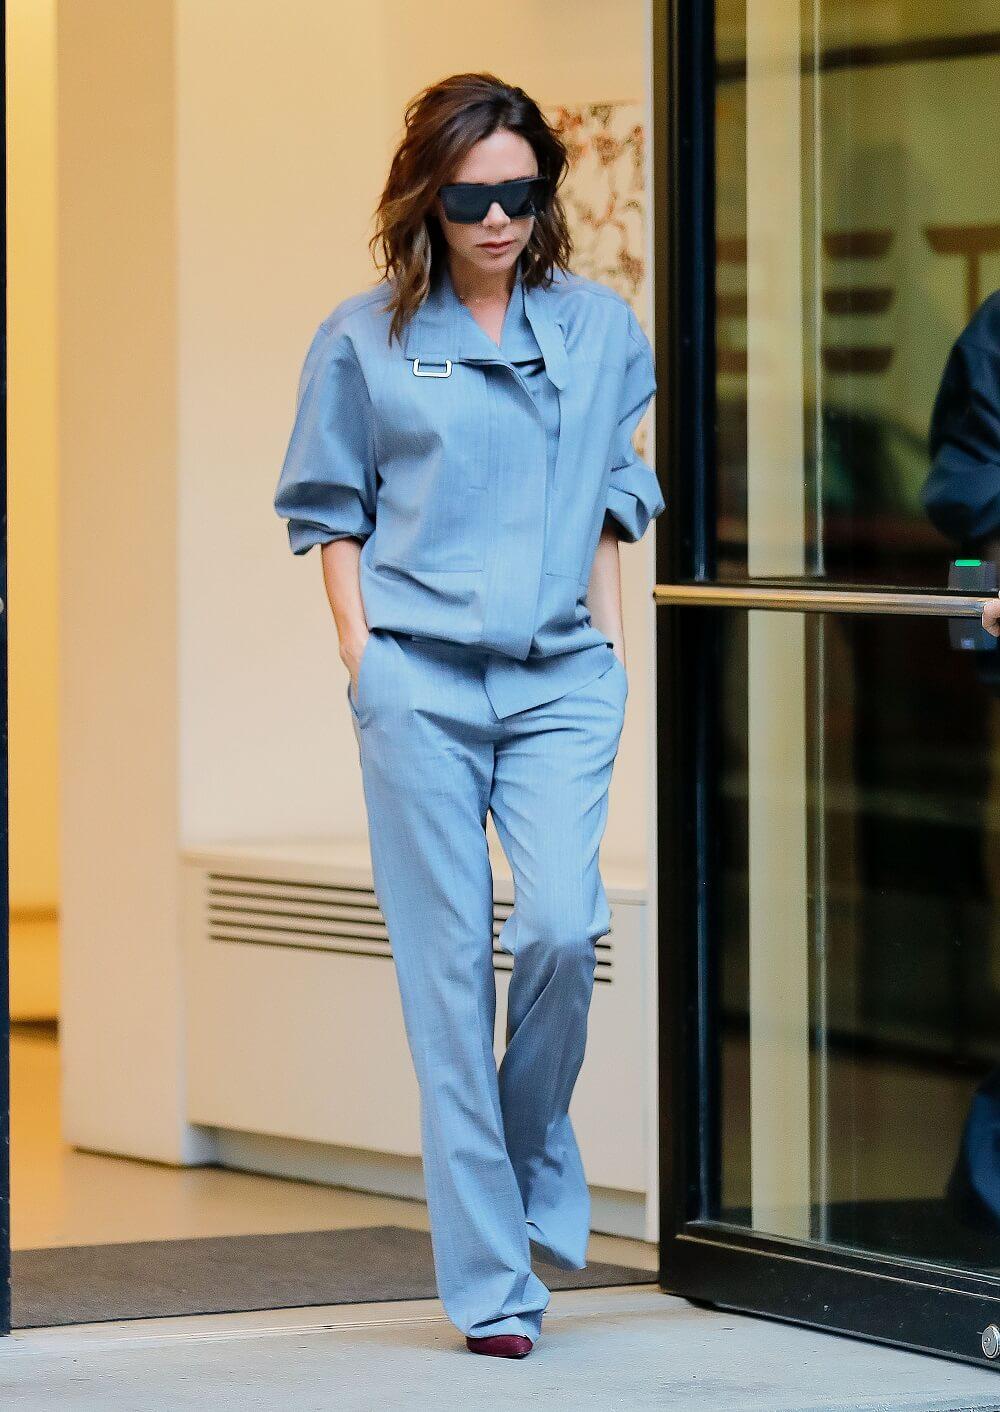 ヴィクトリア・ベッカムの私服ファッション写真(ブルーのセットアップ)